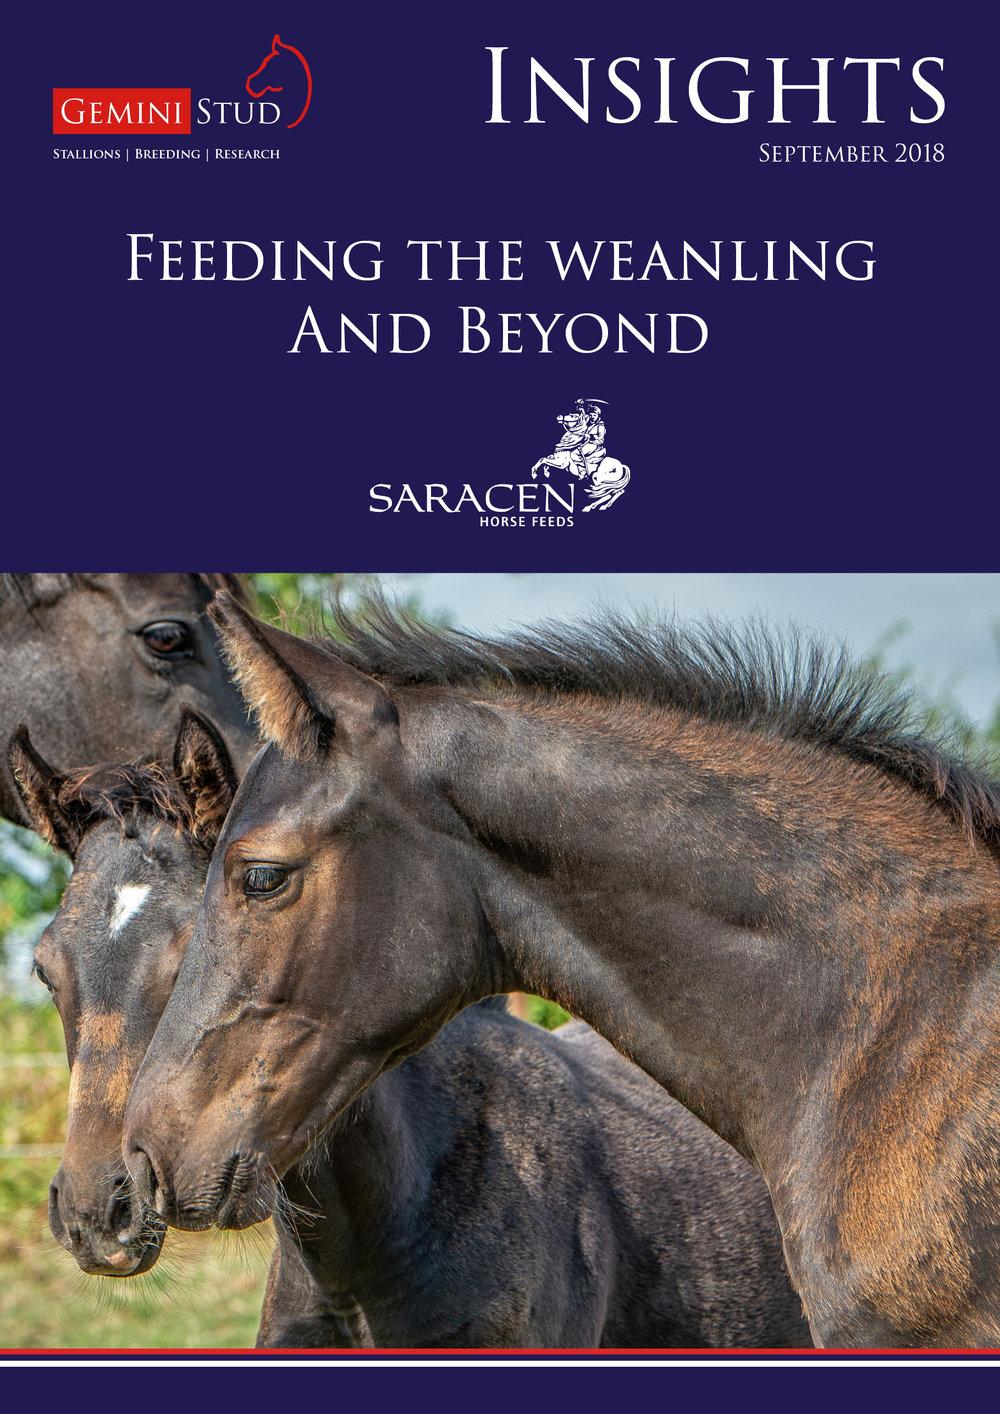 Wildfire Gemini Stud Insight Newsletter Saracen's Horse Feed Weanlings.jpg